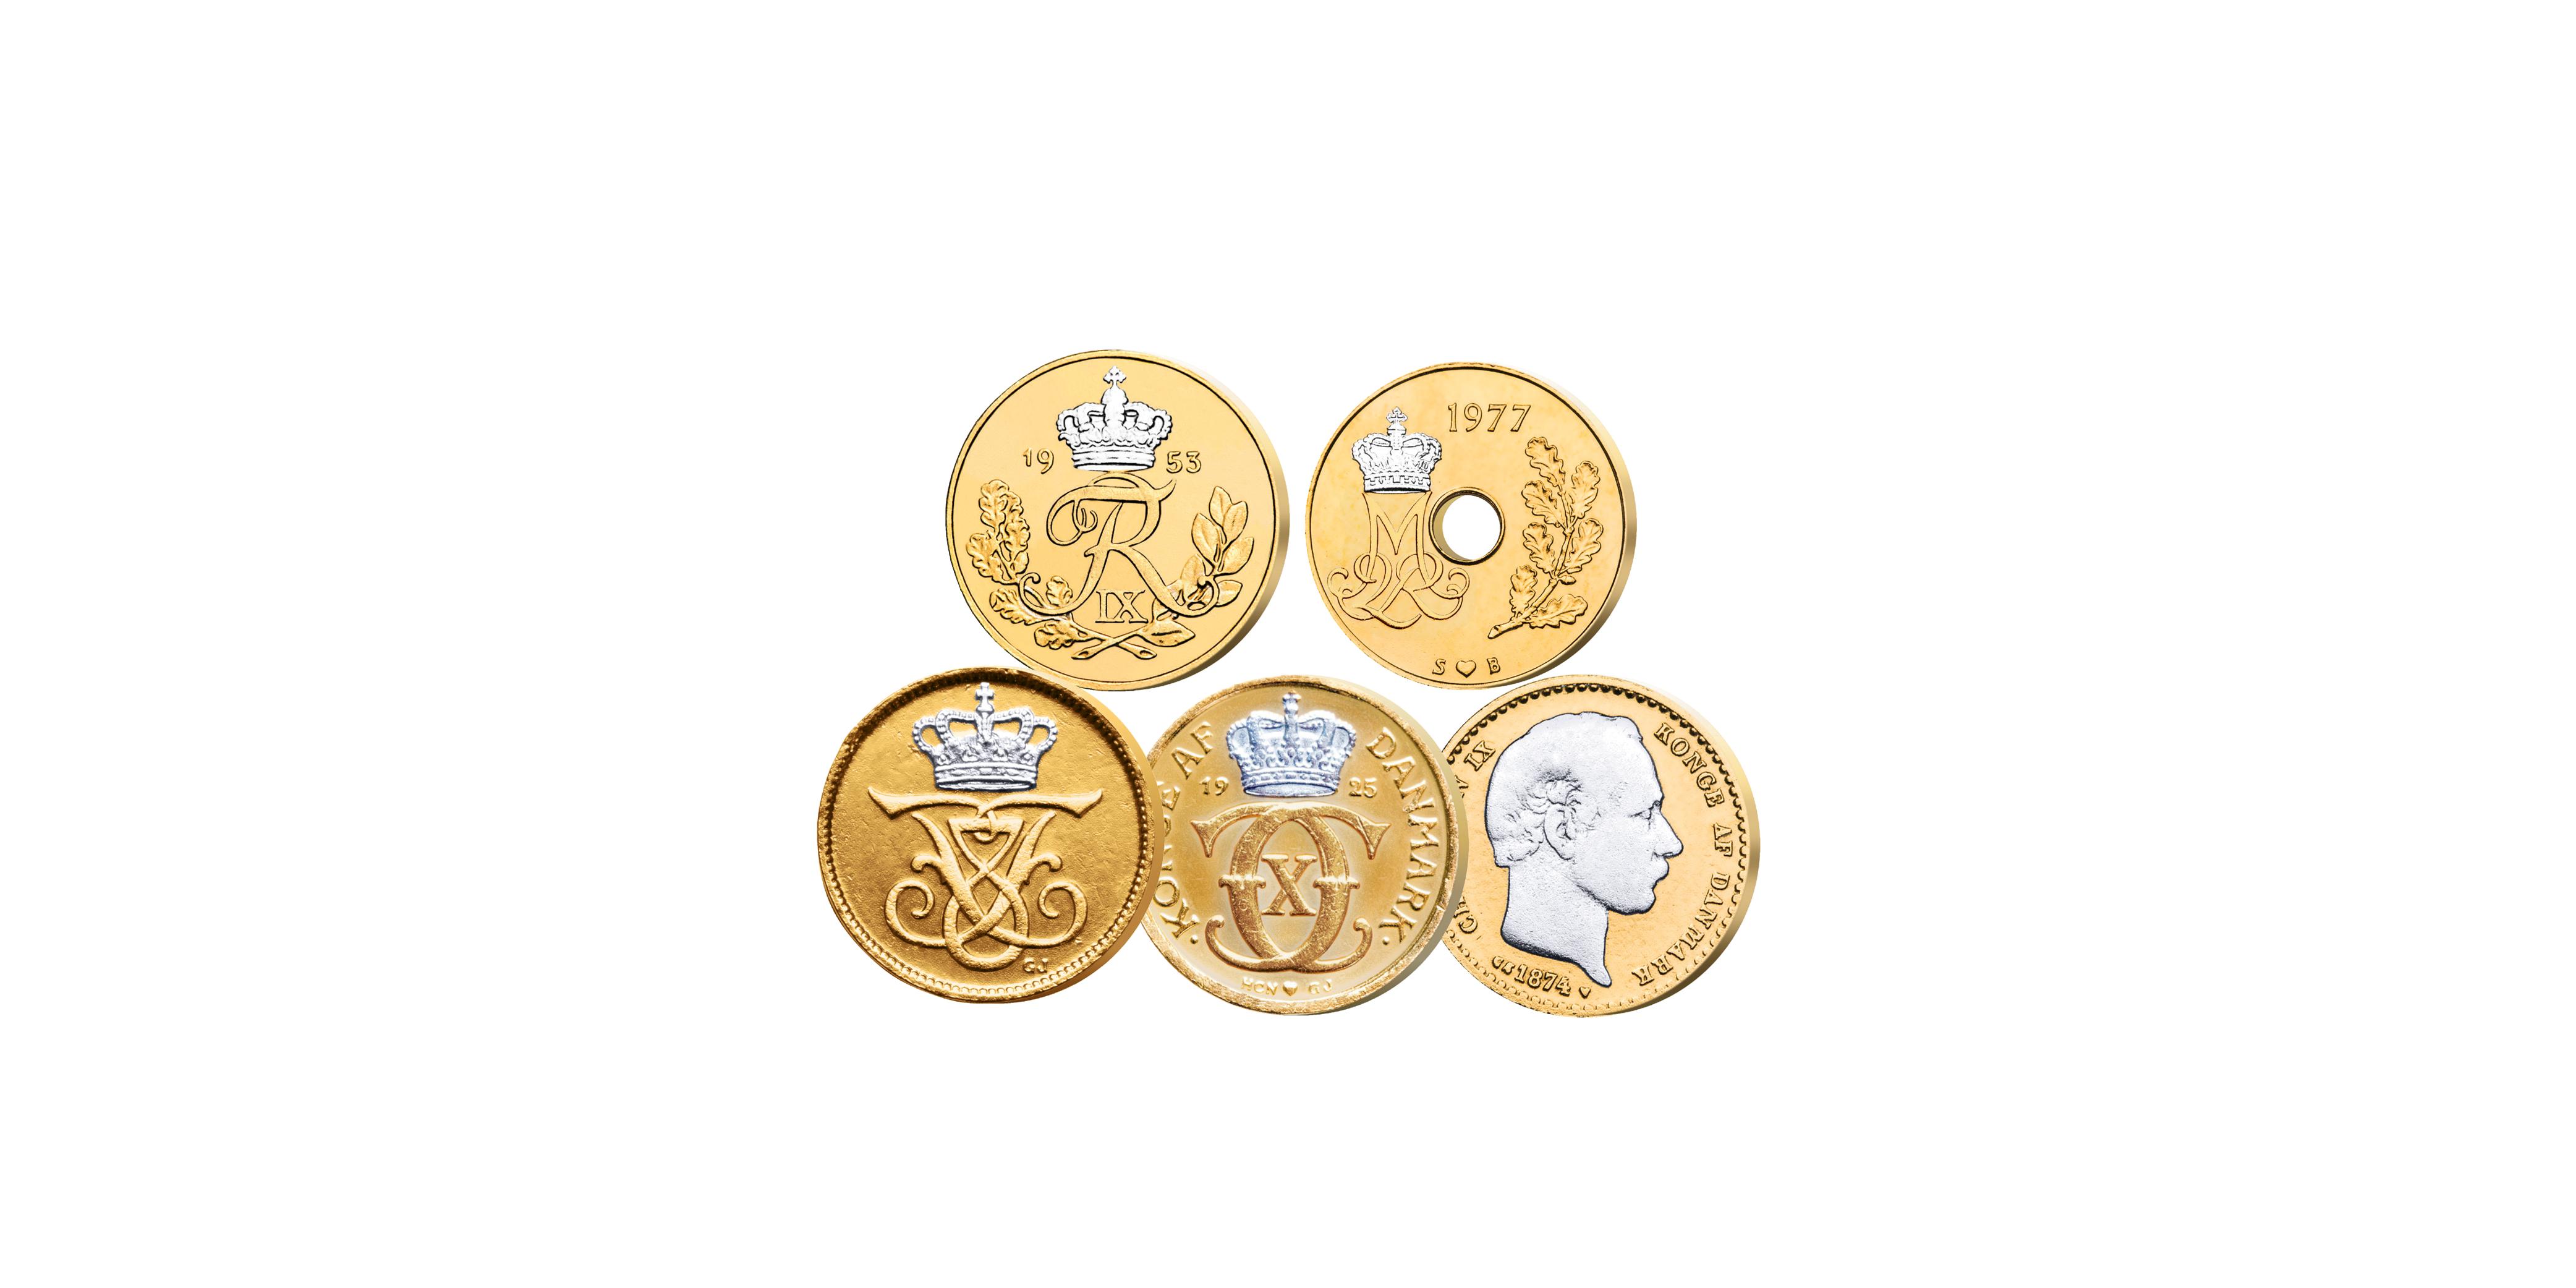 Øremønterne erudgivet under 5 danskeGlücksborgsregenter - Christian IX, Frederik VIII, Christian X, Frederik IX og Margrethe II. Alle øremønterne erblevet belagt med guld og platin.